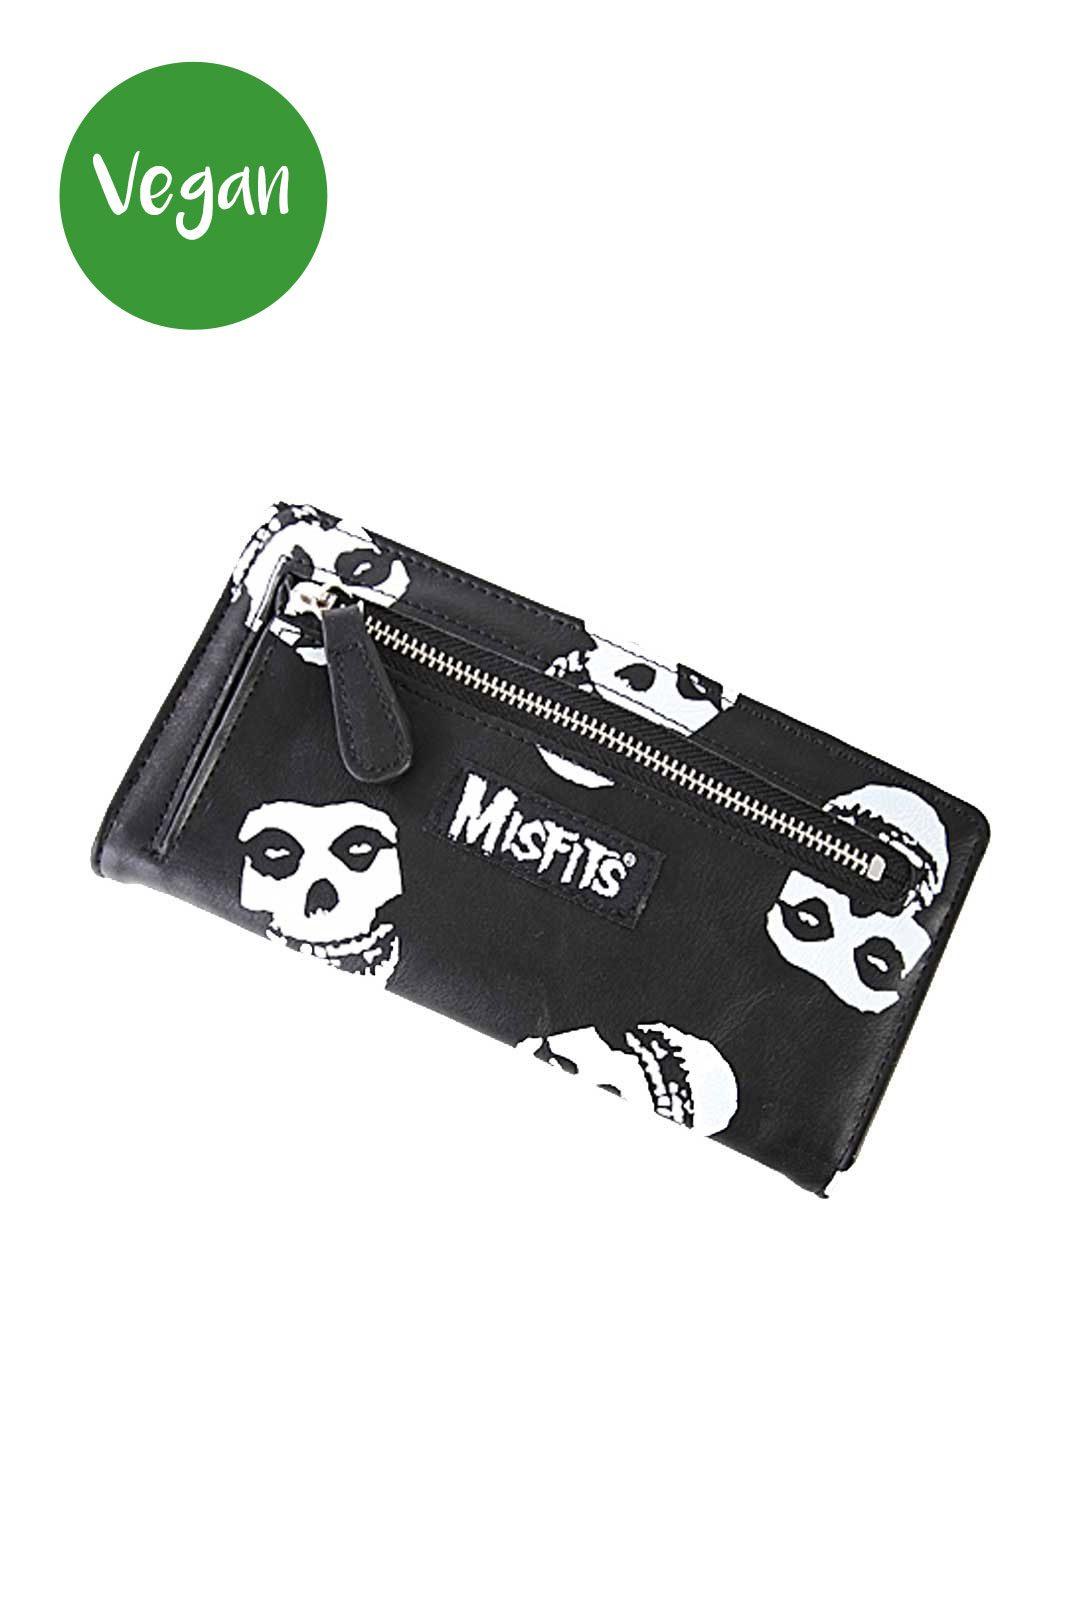 Misfits Fiend Wallet